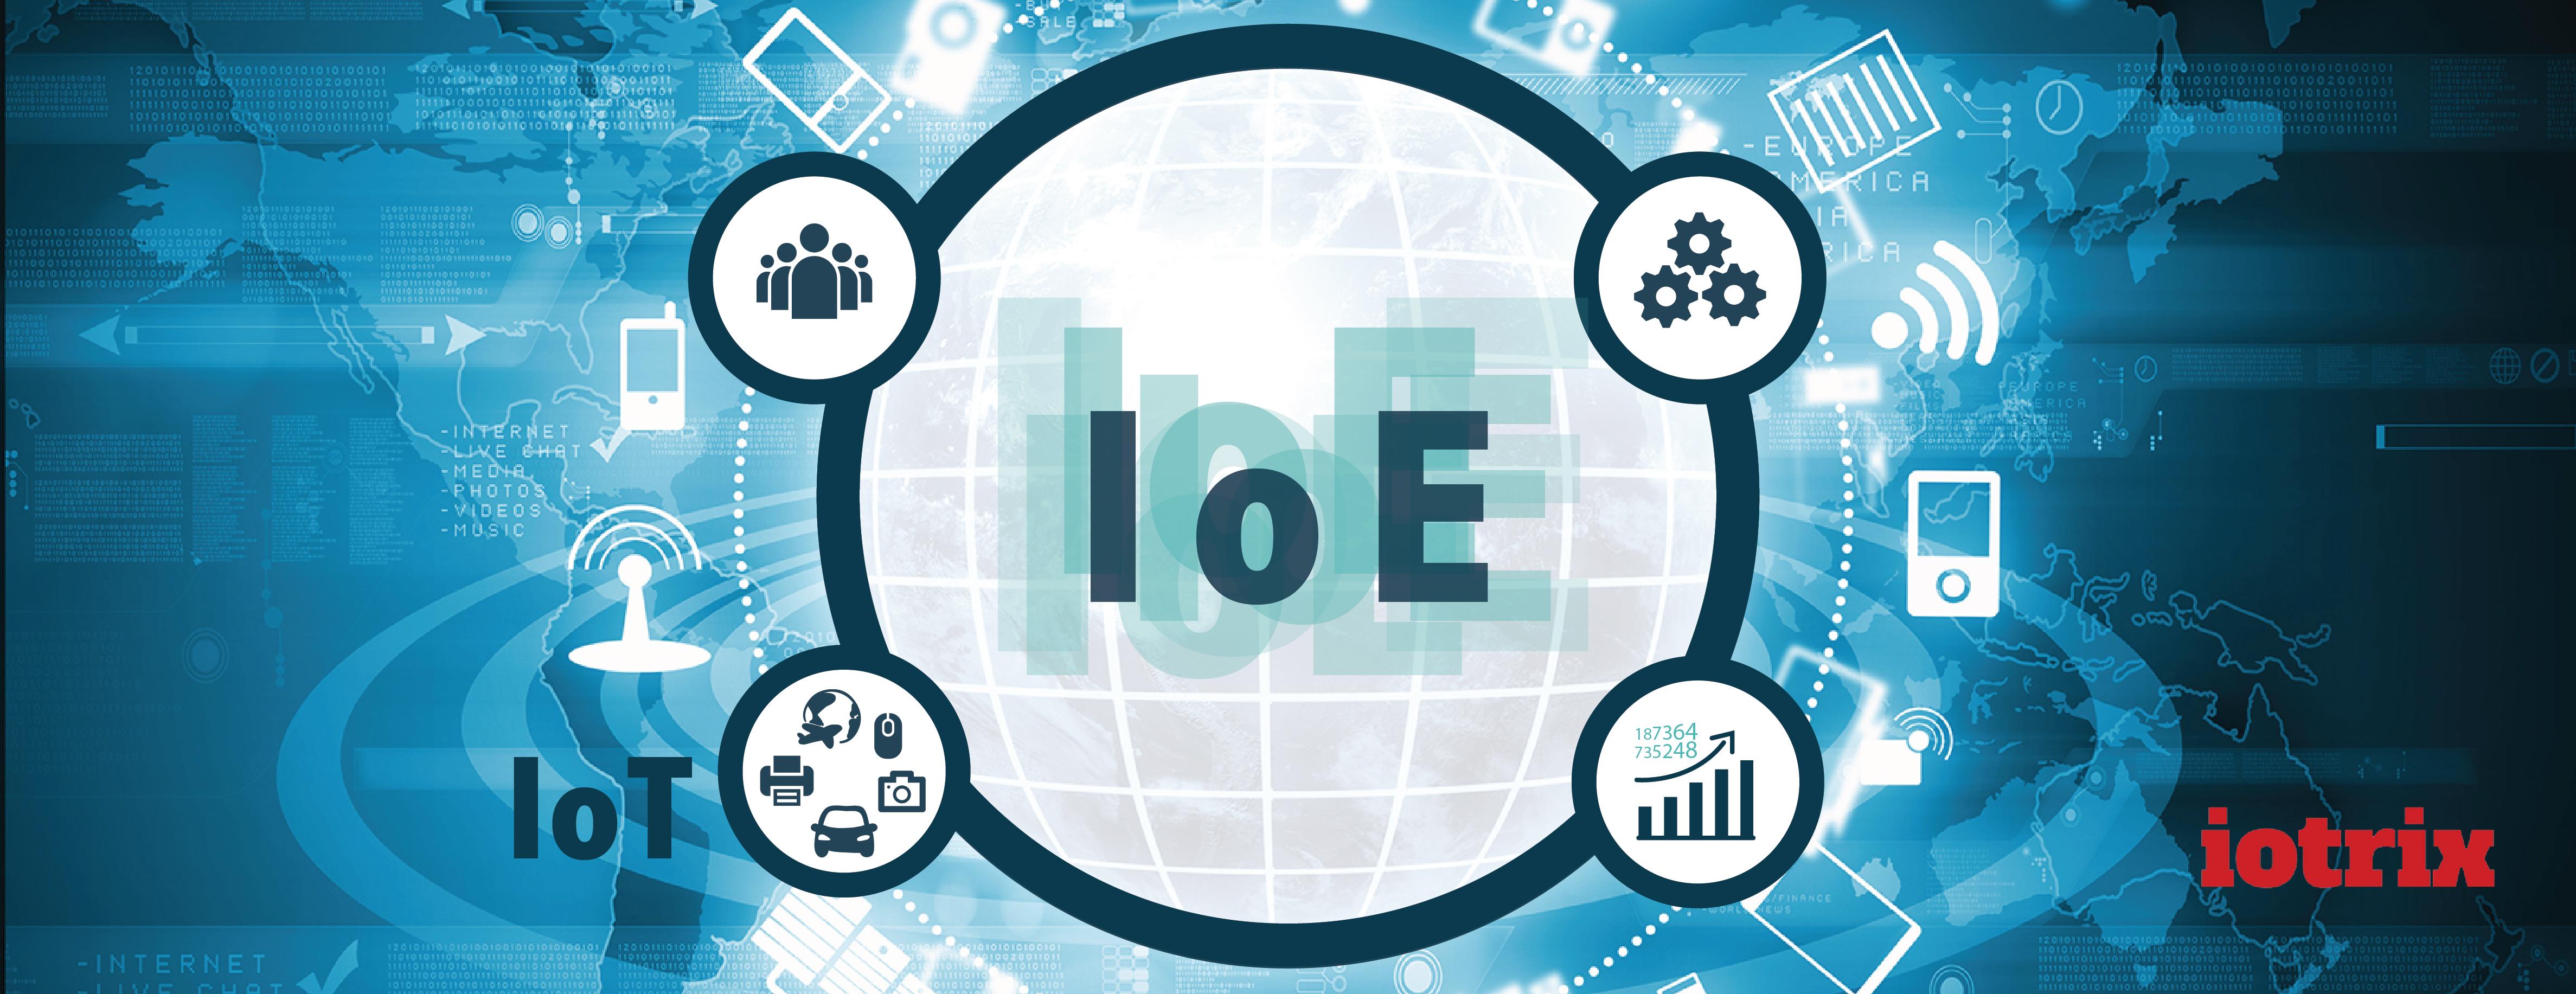 Internet das Coisas se refere a coisas conectadas e internet de tudo (internet of everything) engloba coisas, pessoas, processos e dados